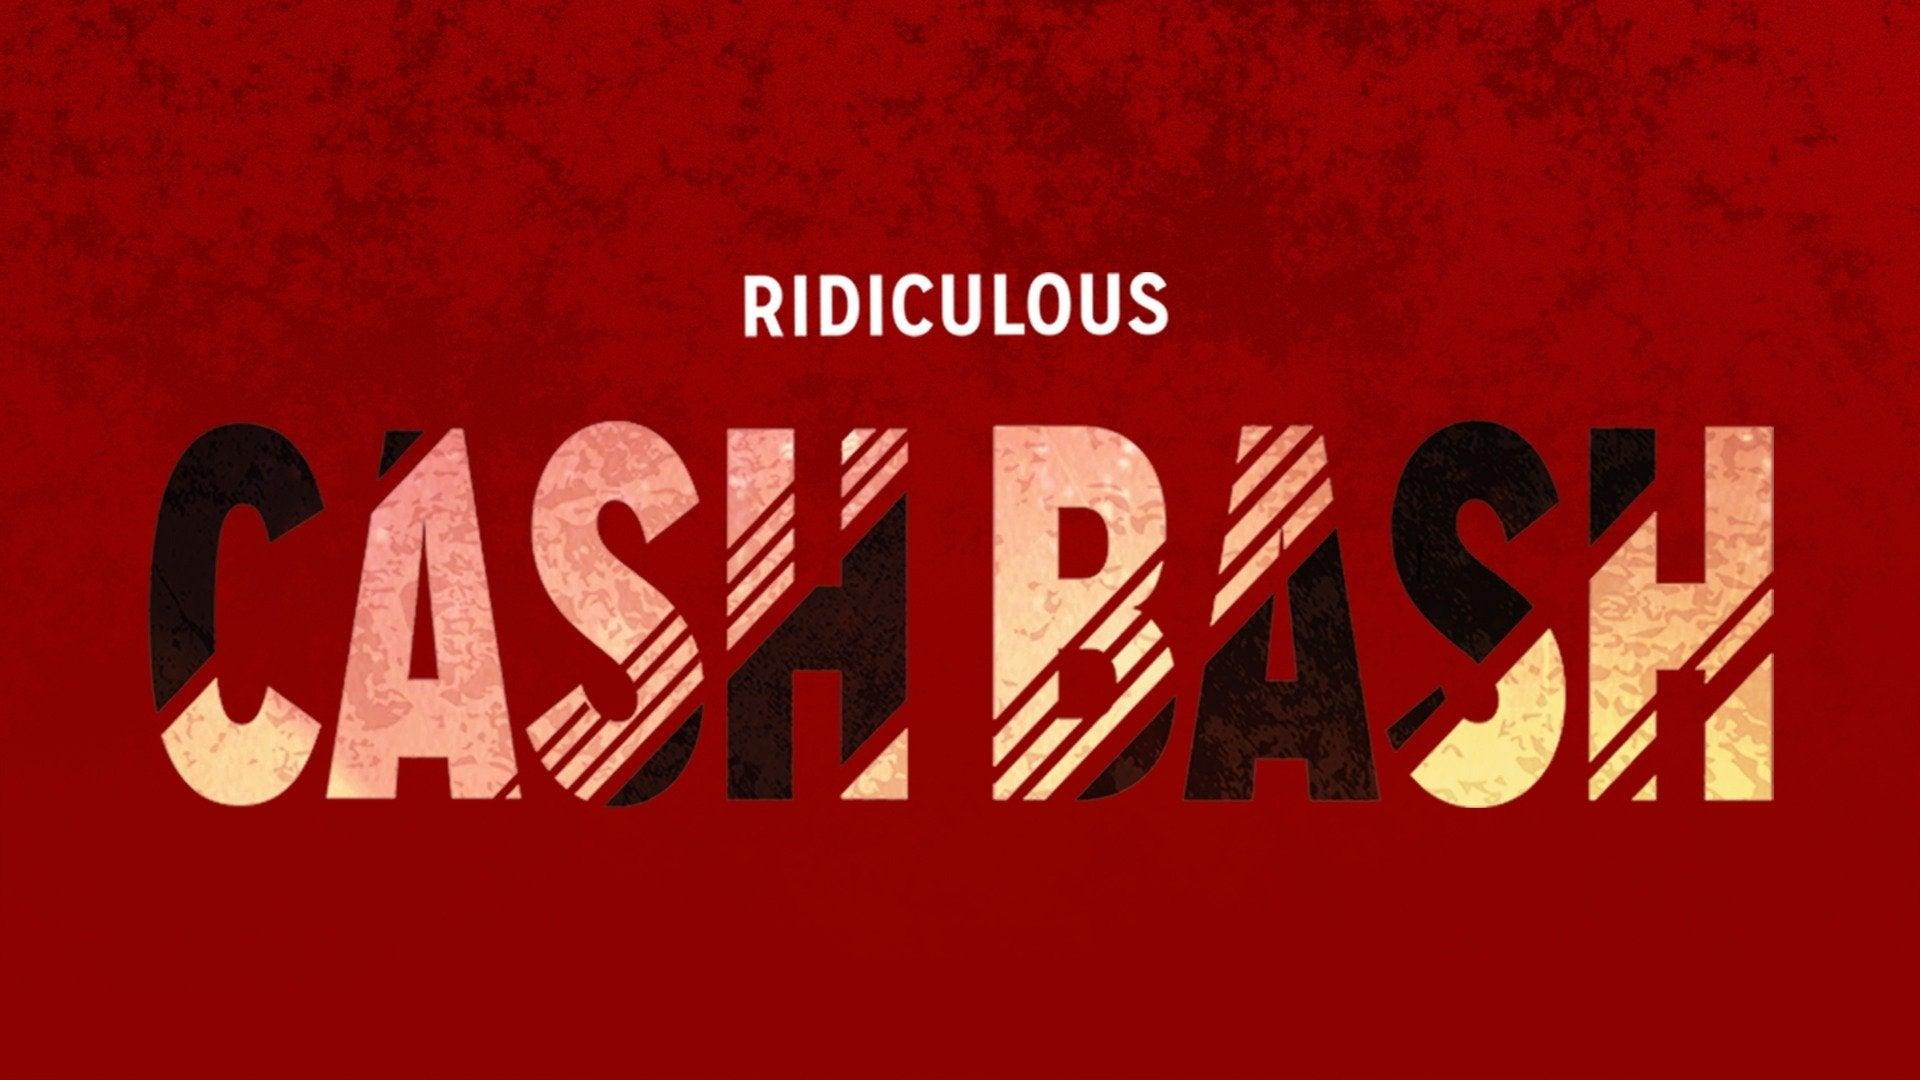 Ridiculous Cash Bash!